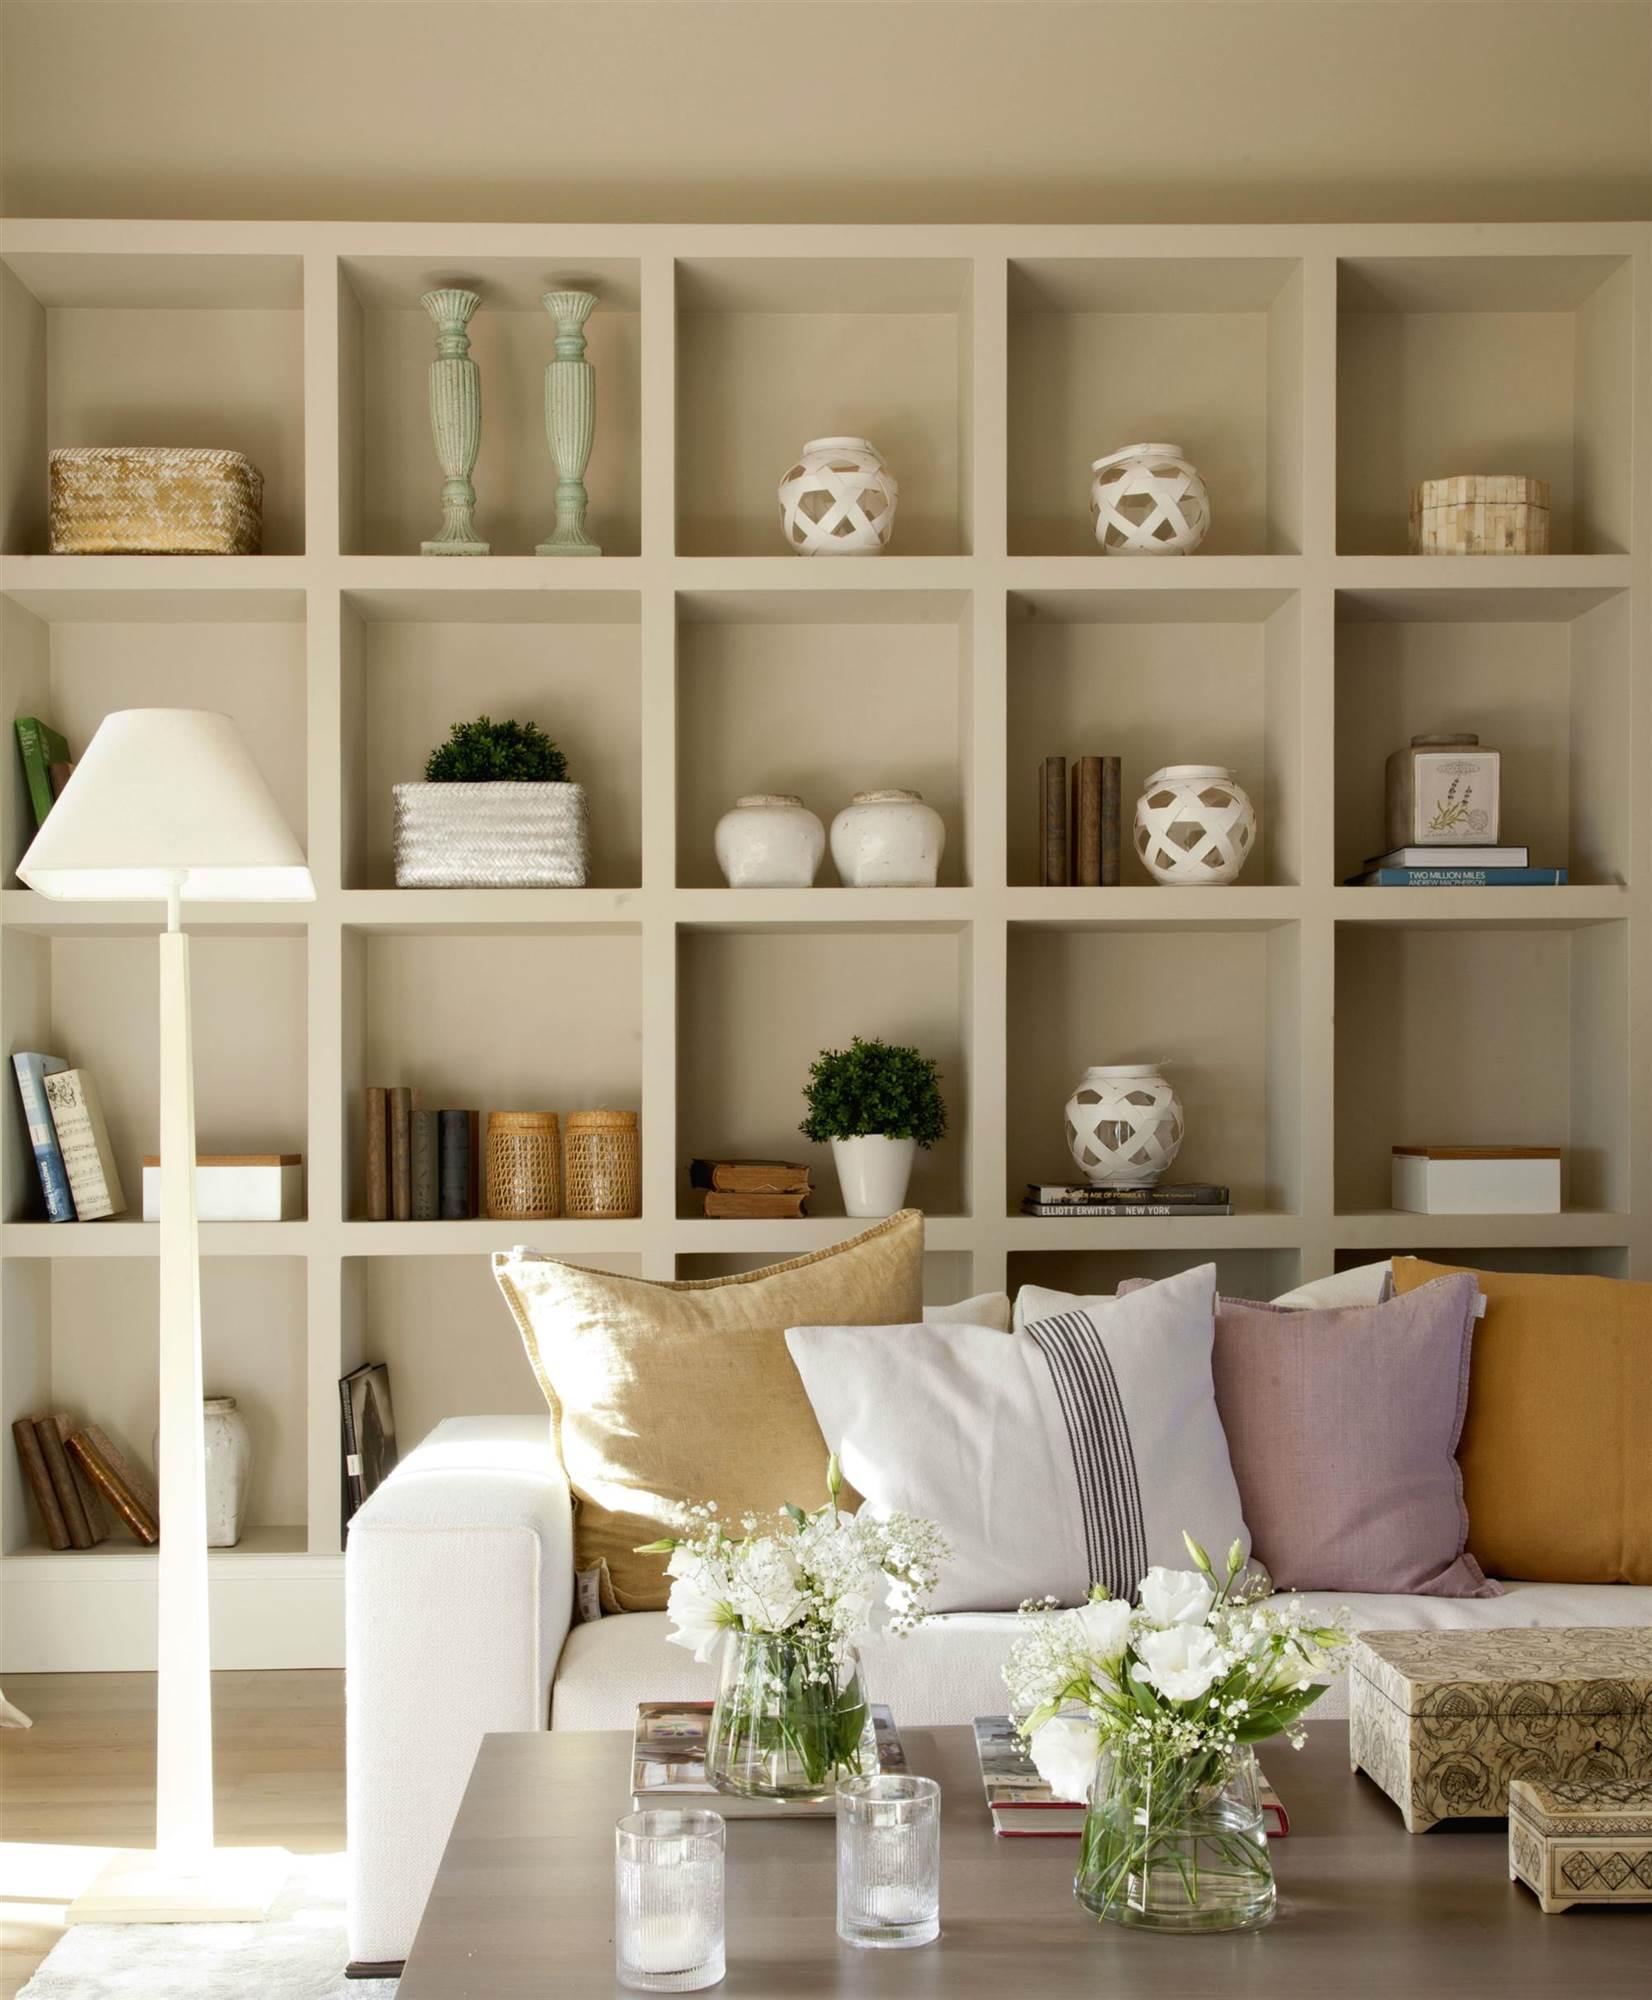 Utiliza las estanter as para presumir de objetos decorativos - Decoracion de estanterias ...